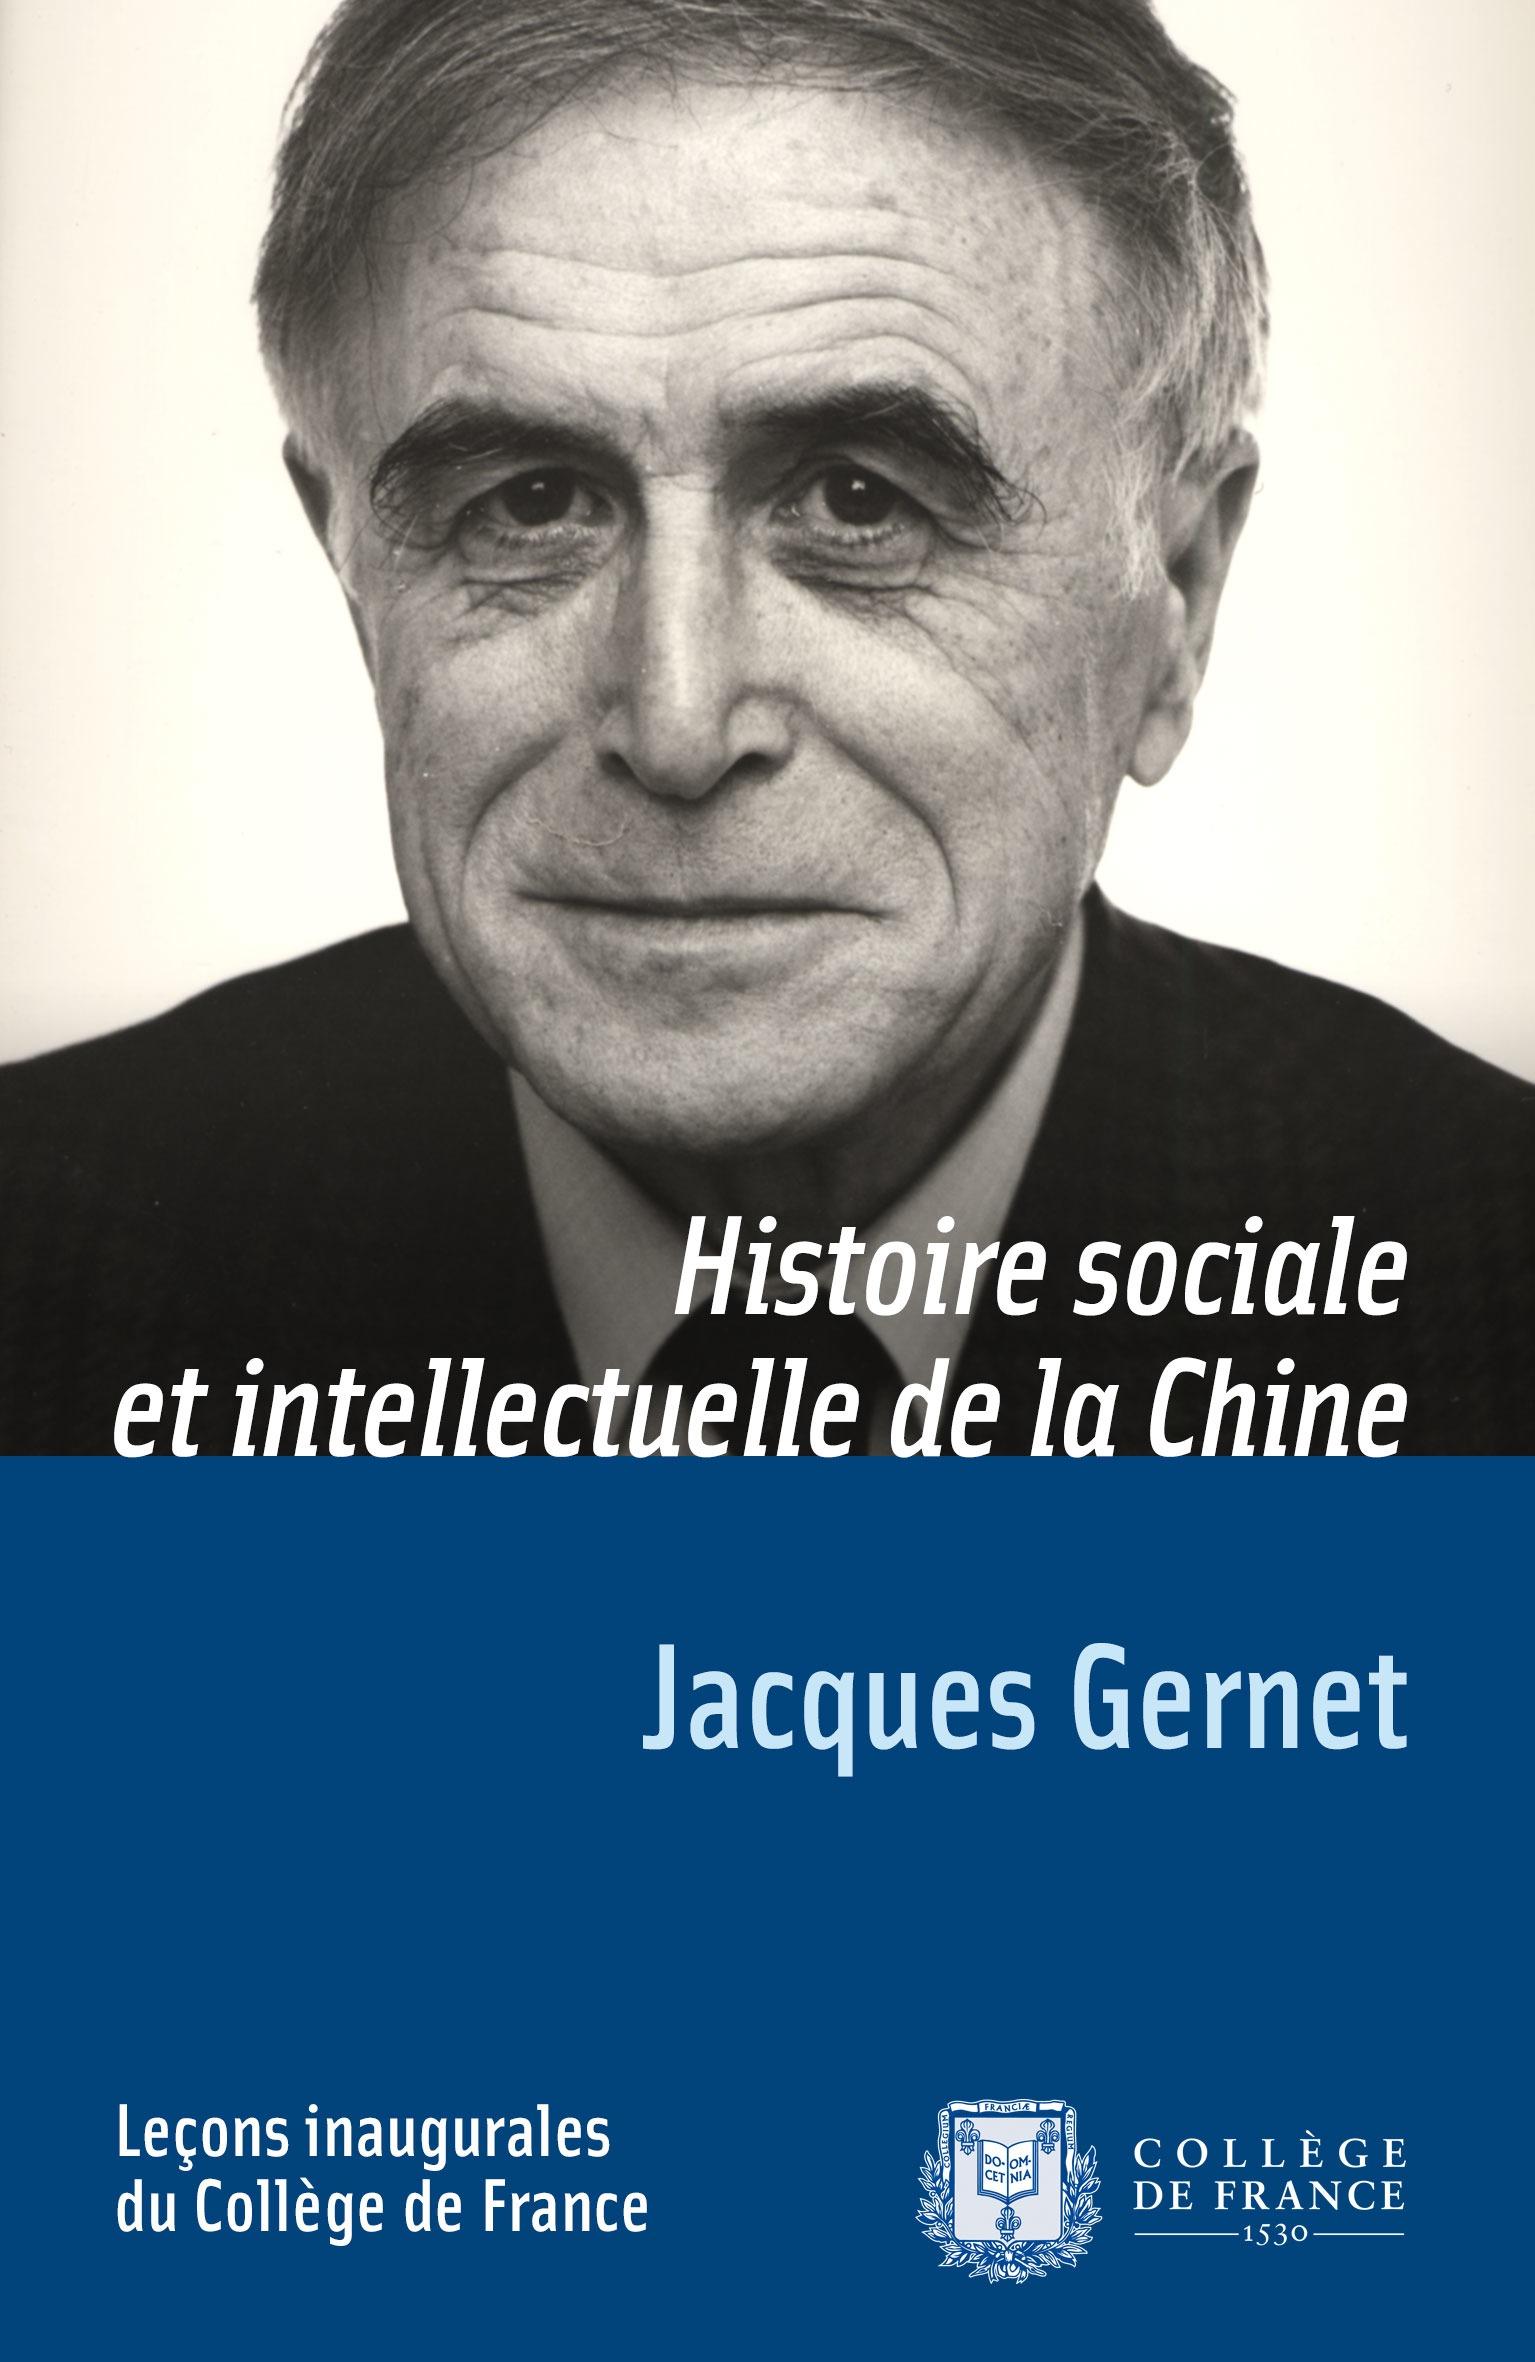 Histoire sociale et intellectuelle de la Chine, LEÇON INAUGURALE PRONONCÉE LE JEUDI 4DÉCEMBRE1975